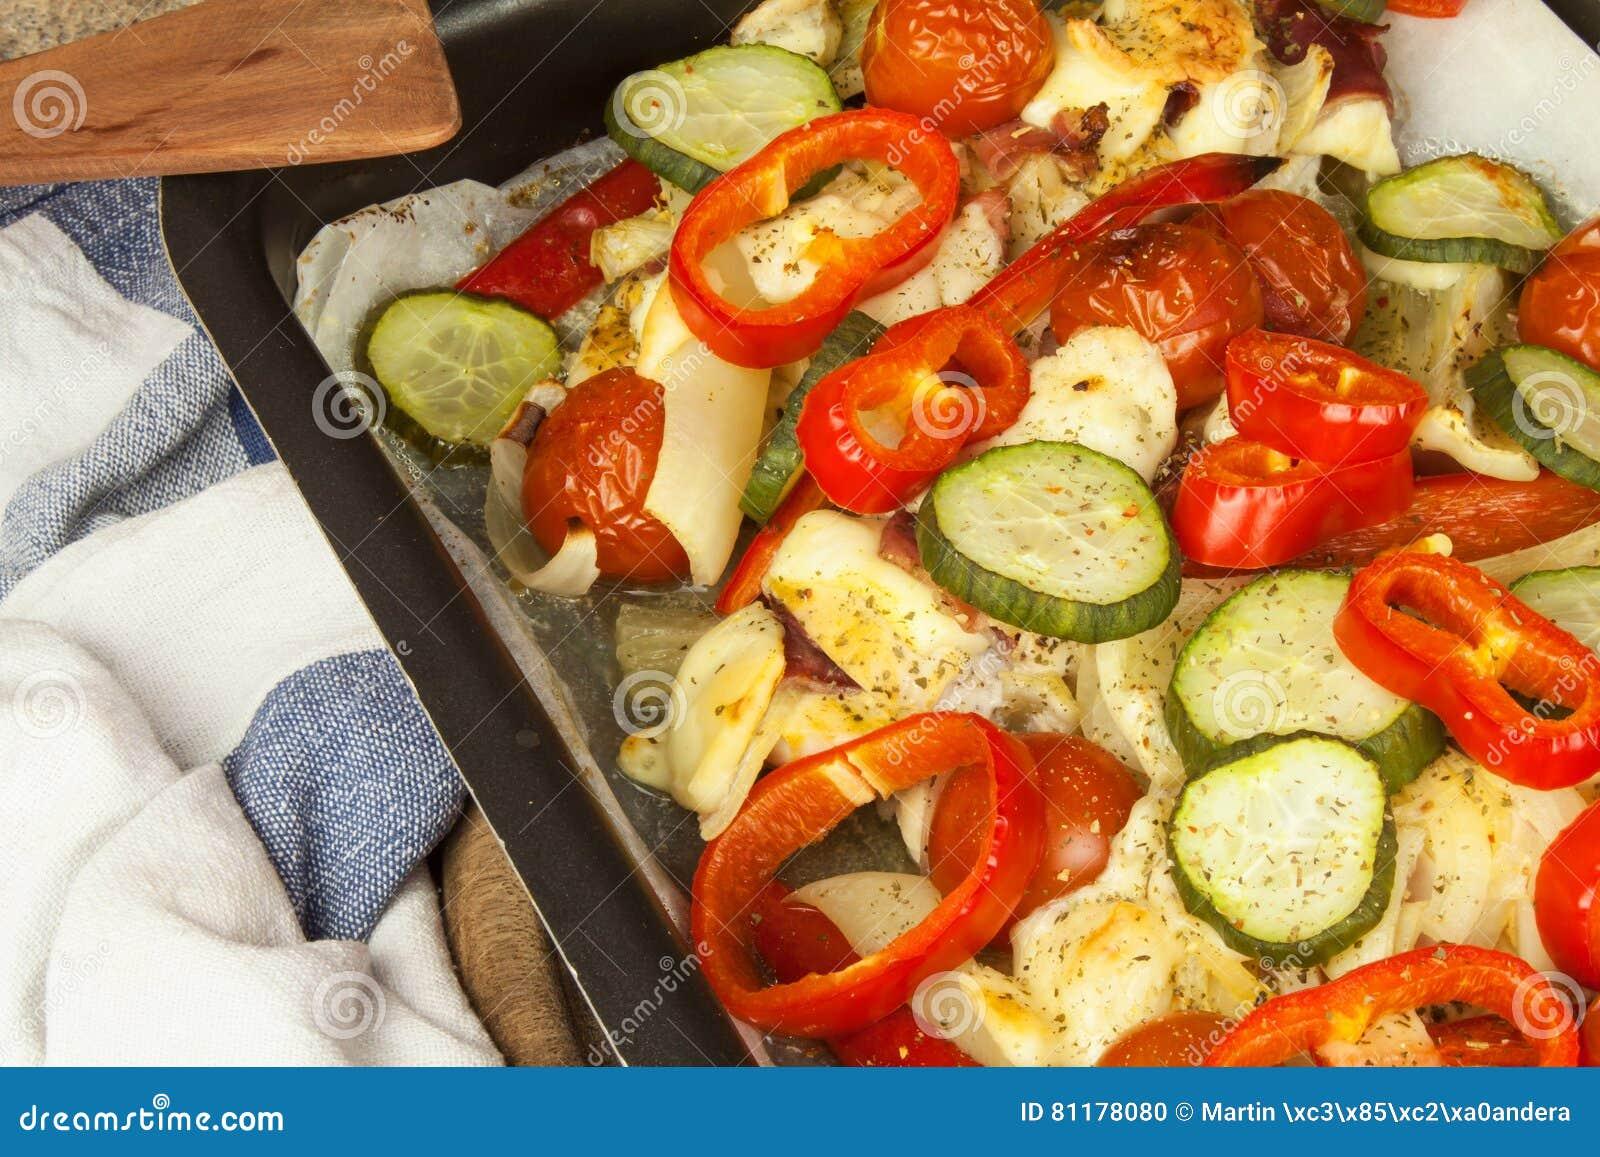 petto di tacchino al forno per dieta